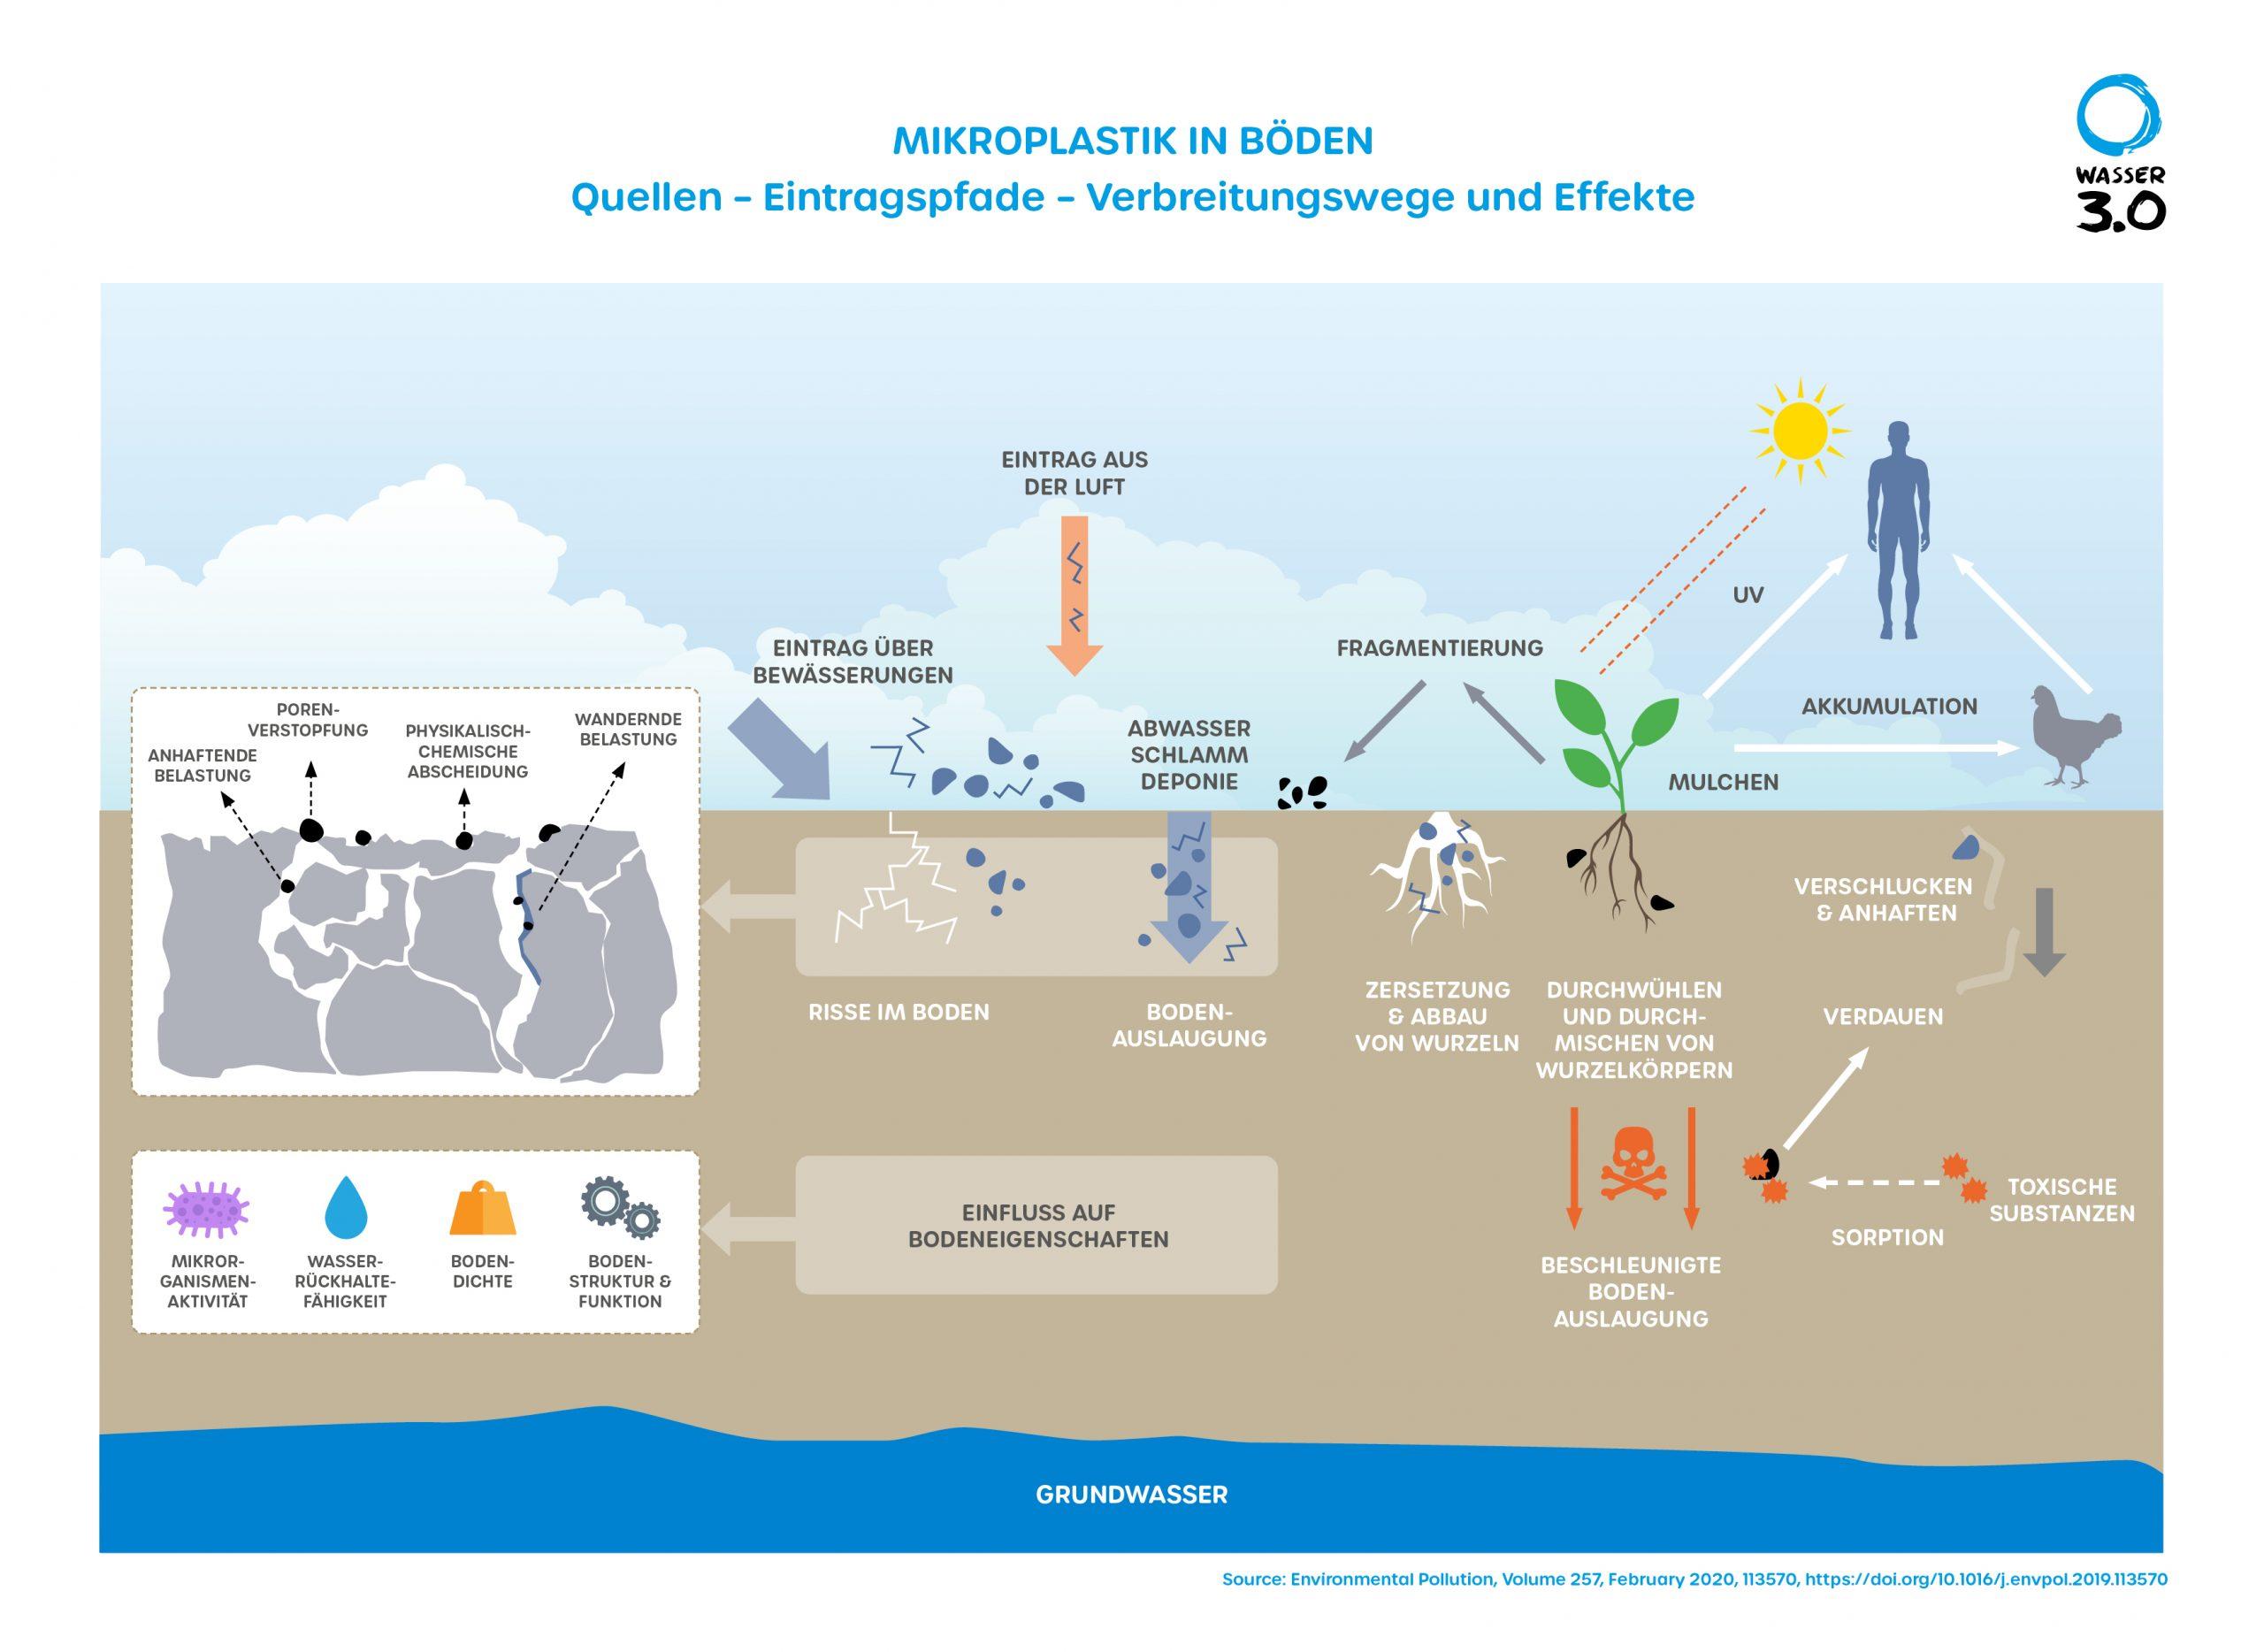 Mikroplastik in Böden - Quellen, Eintragspfade, Verbreitungswege.